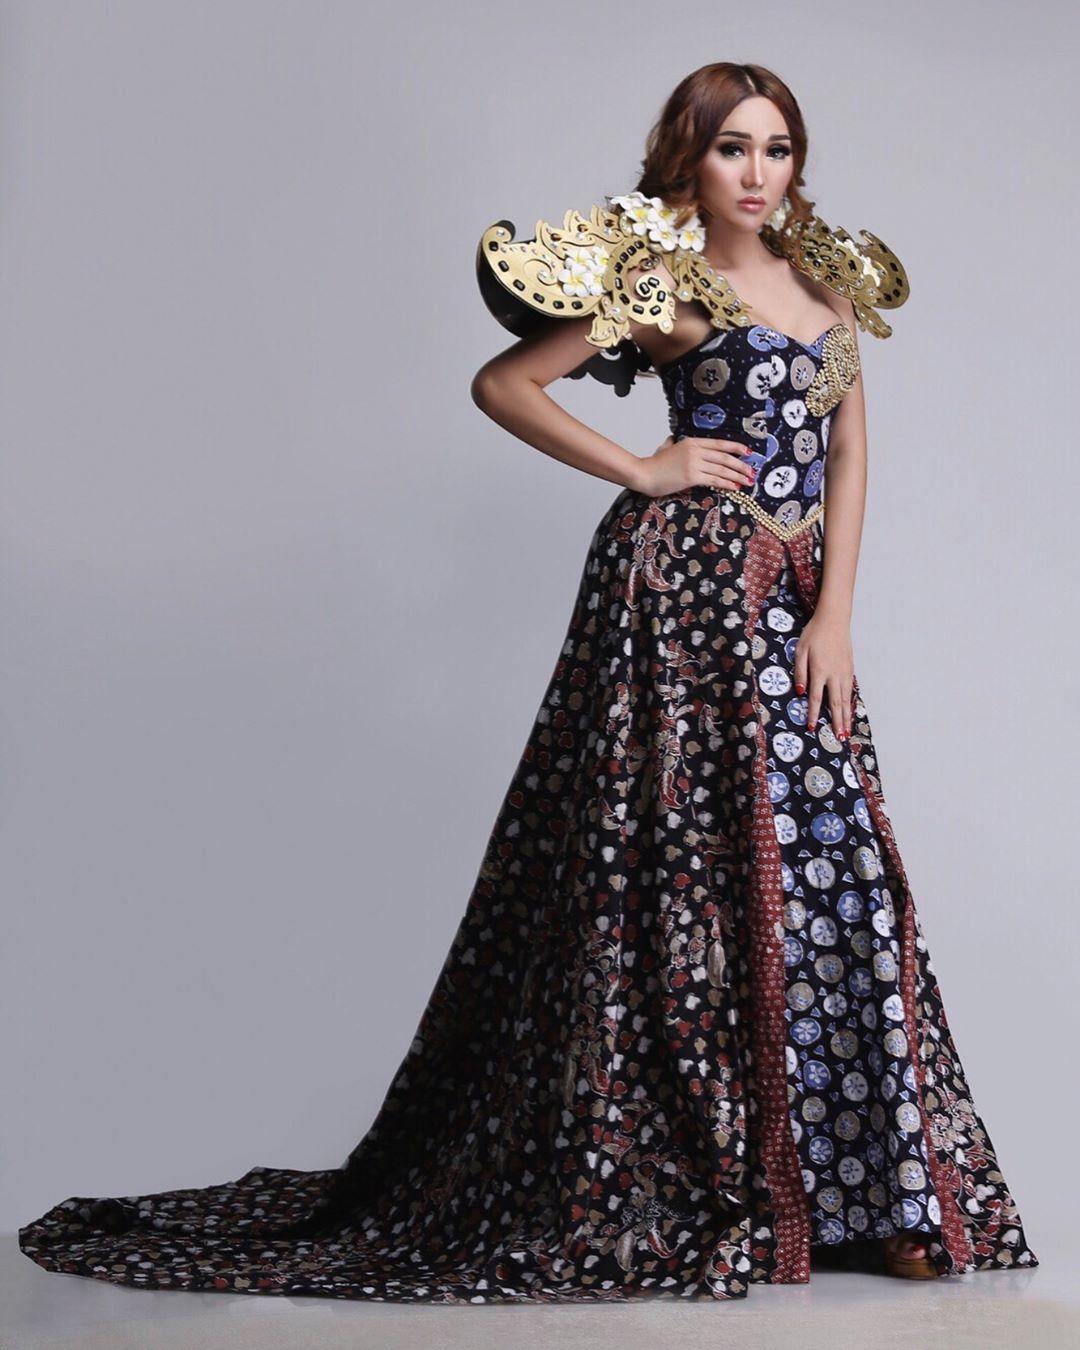 Gaun Batik Cirebon dengan Ekor